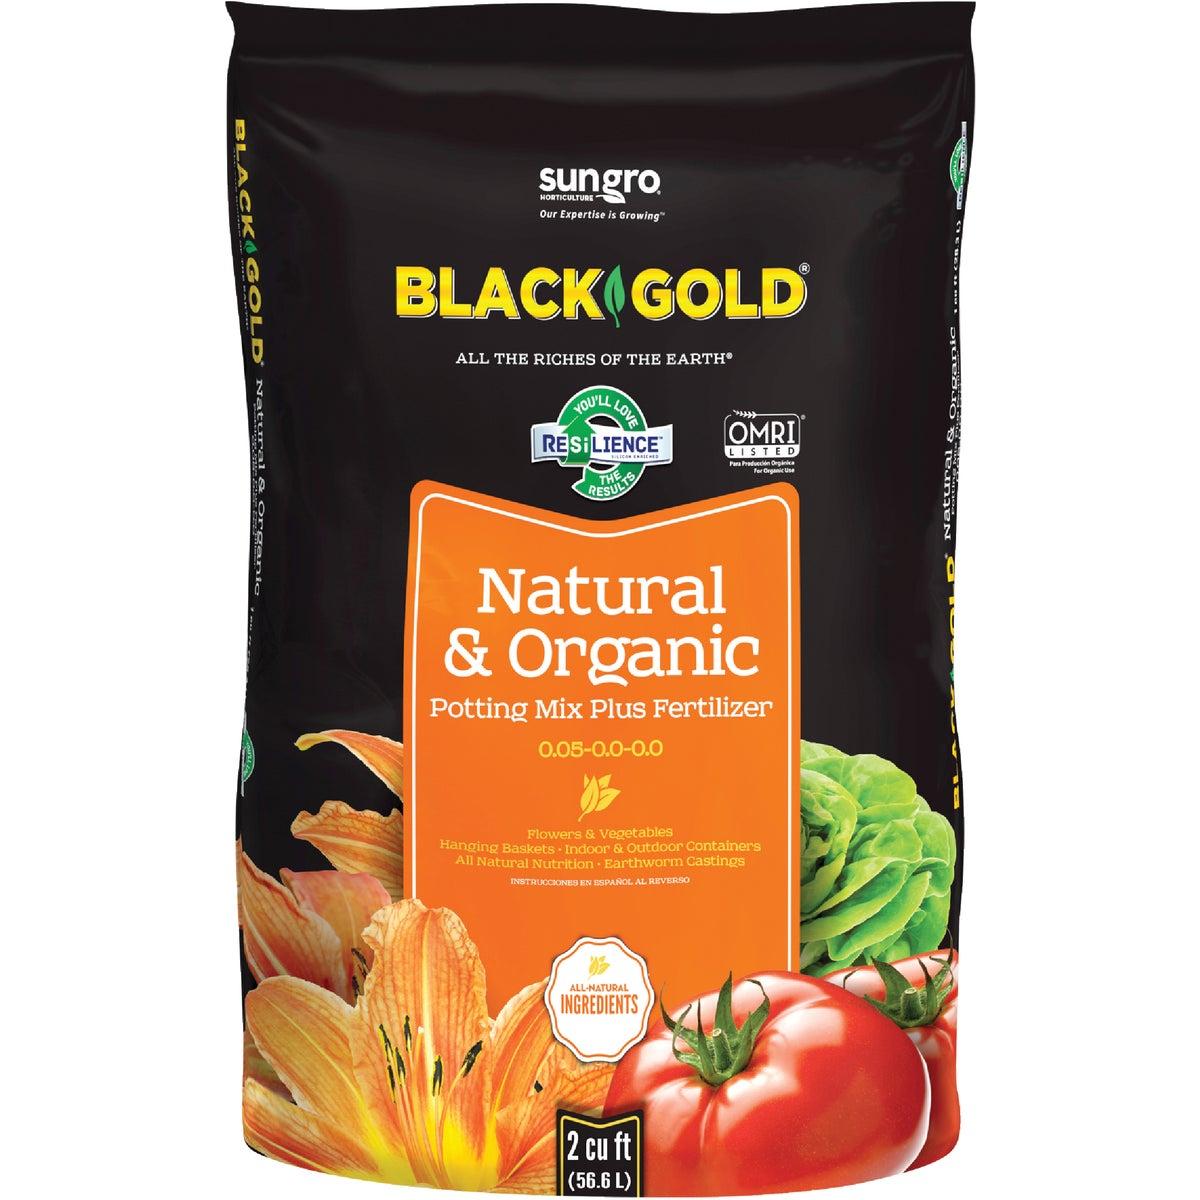 2.0CF BG NTRL/ORGNC SOIL - 1402040.CFL002P by Sun Gro Horticulture